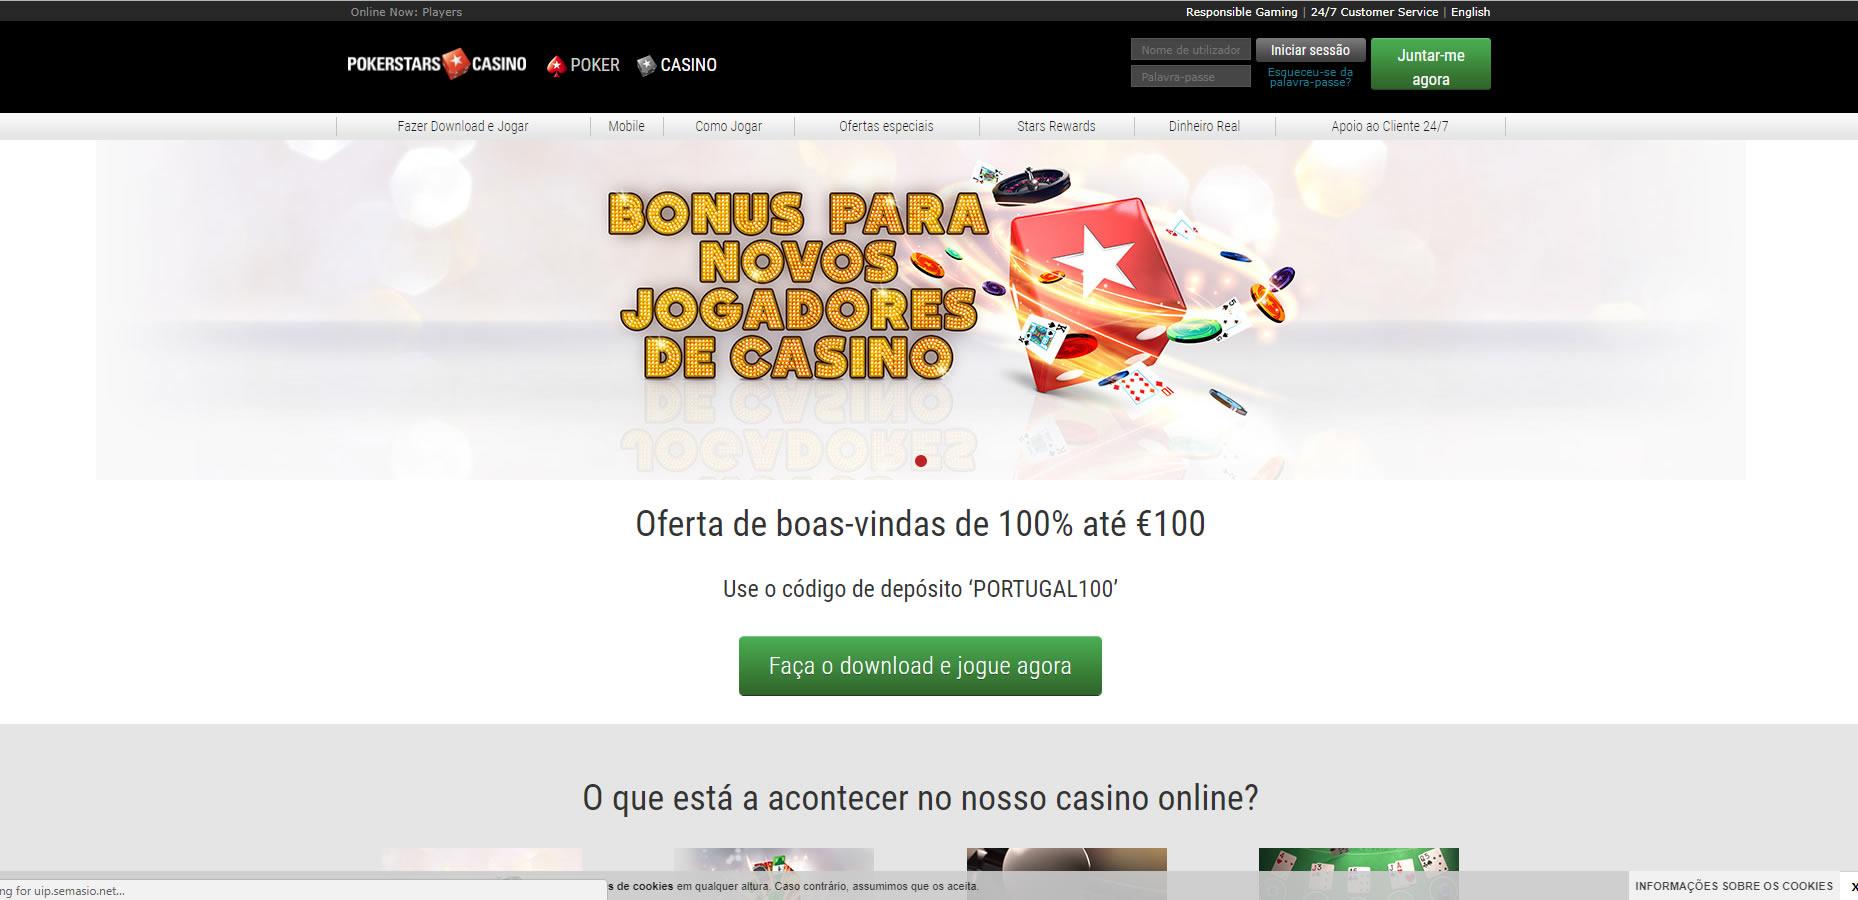 65a8927ec3 PokerStars Casino Resenha e Bónus - Casino Online Portugal